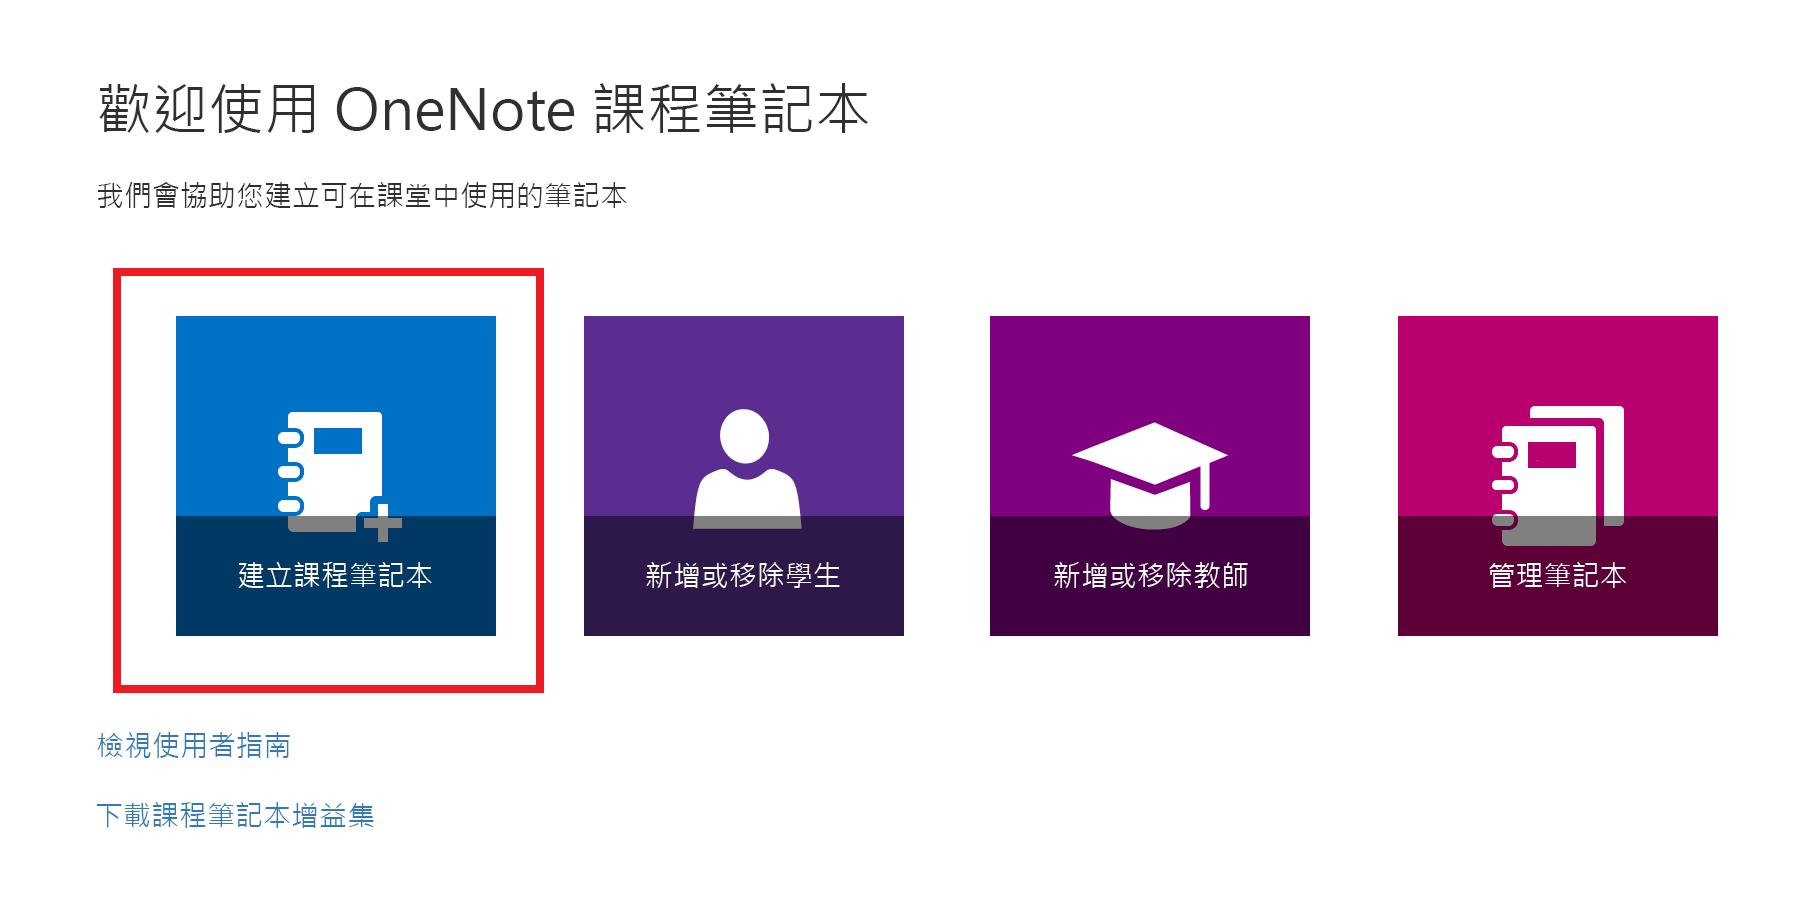 課程筆記本 App 歡迎頁面的螢幕擷取畫面。